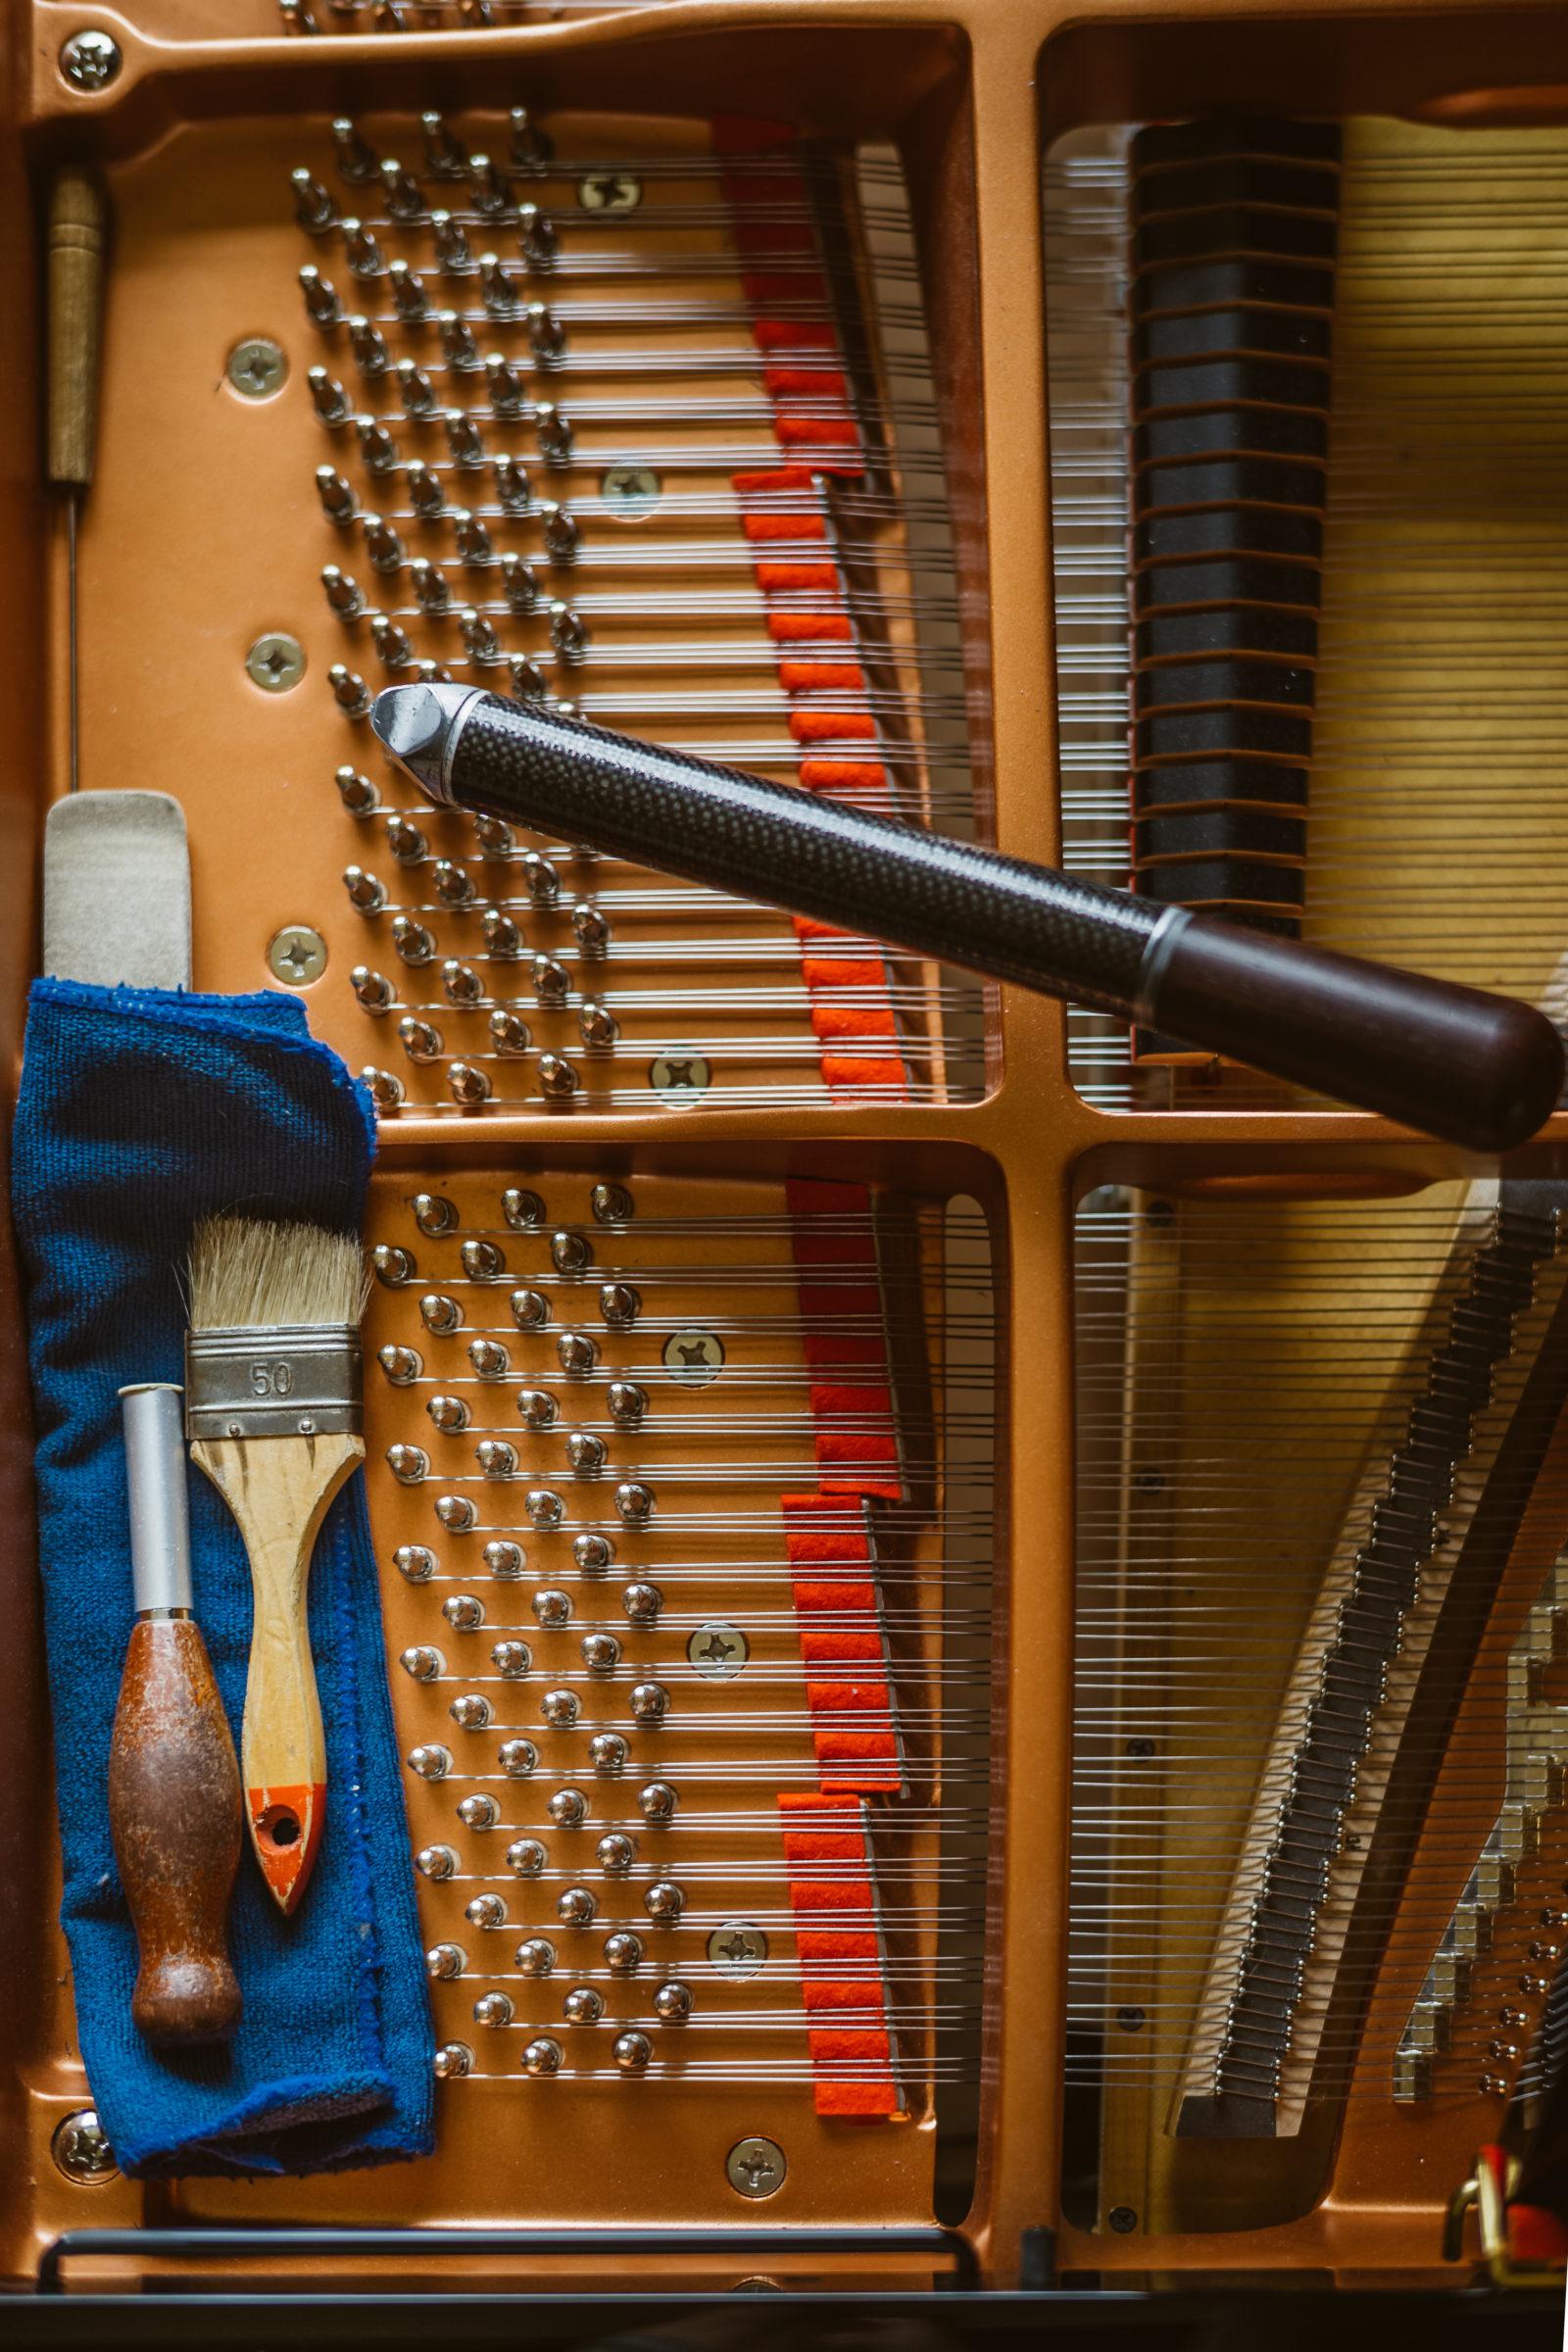 Klavier gestimmt und repariert von Joachim Schneglberger Klavier in Ottensheim und Steyregg in Oberösterreich